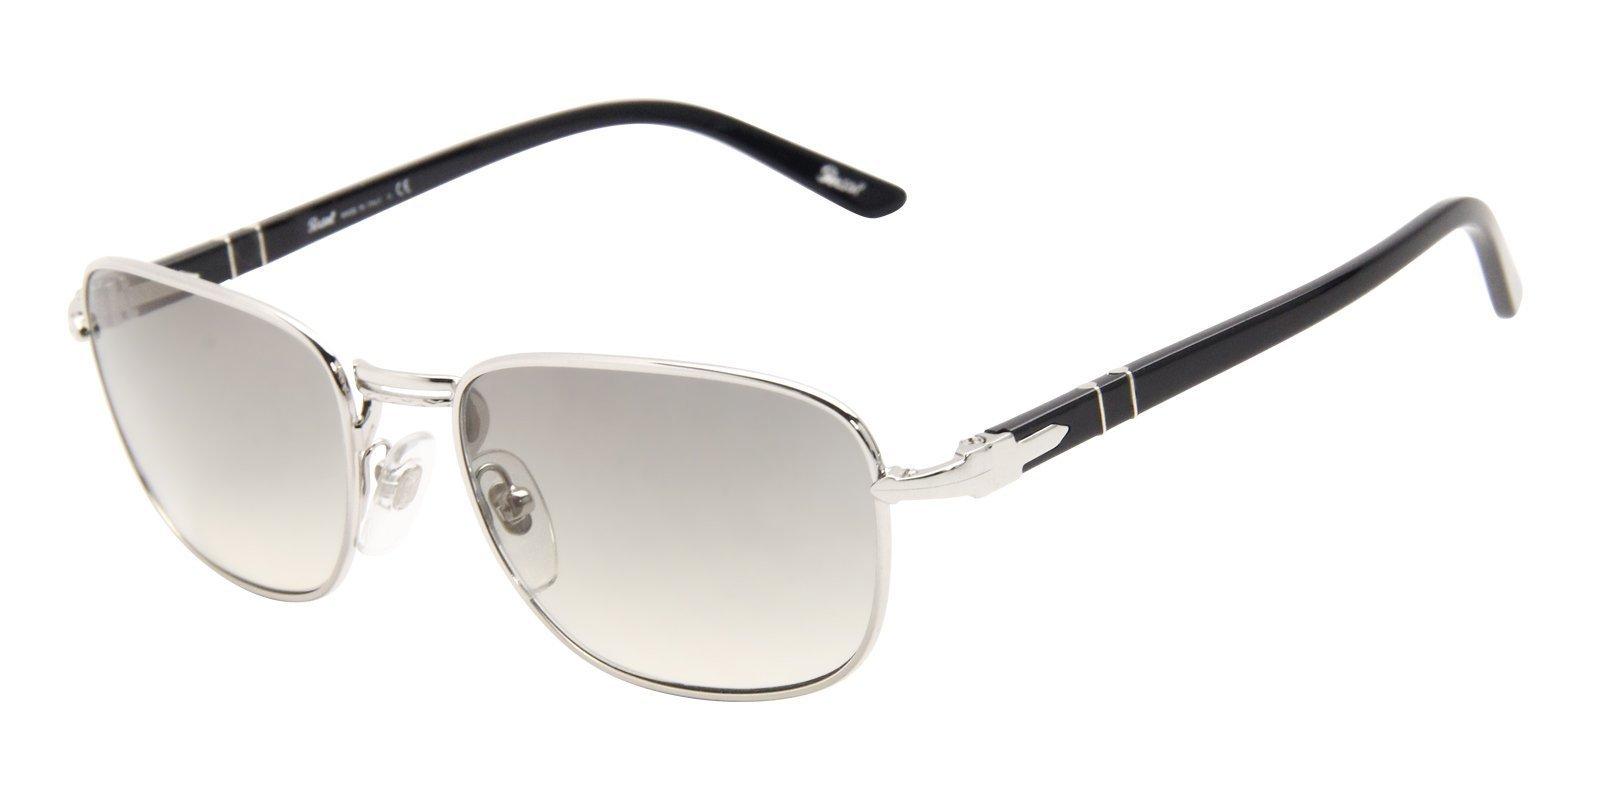 e095753862f5c Persol - PO2386S Silver - Gray-sunglasses-Designer Eyes